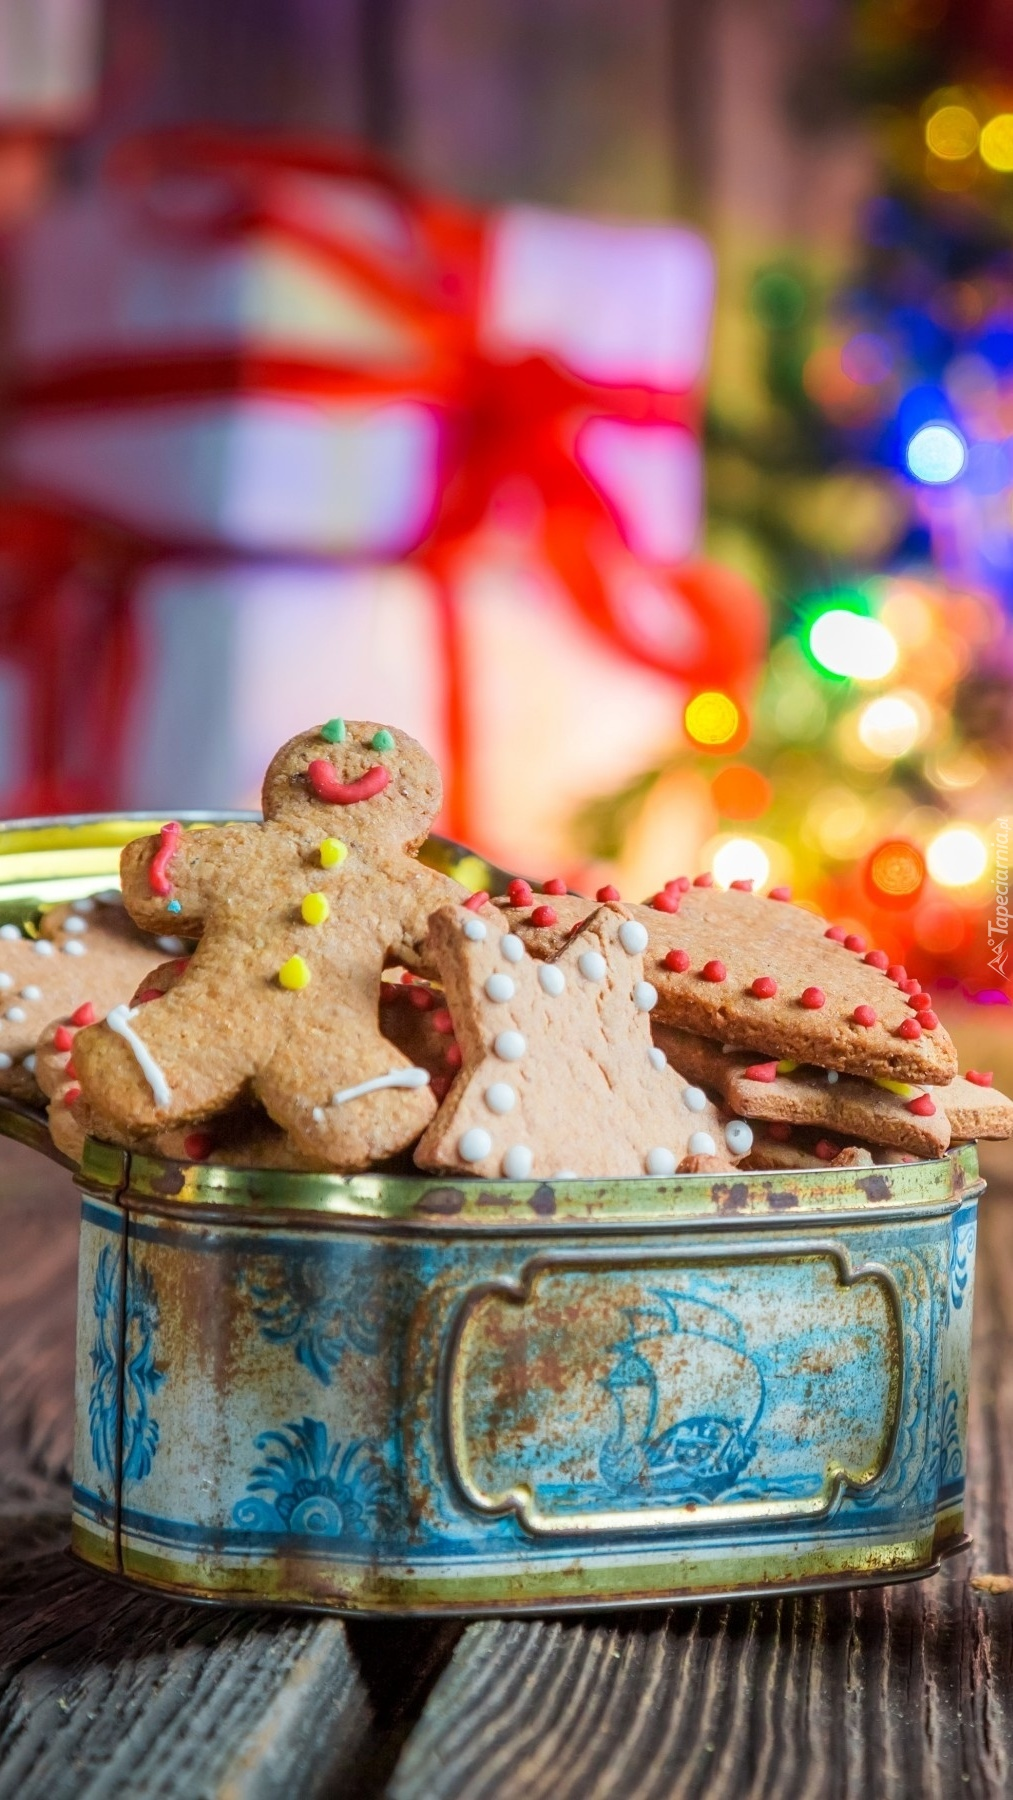 Pierniki w świątecznym pudełku